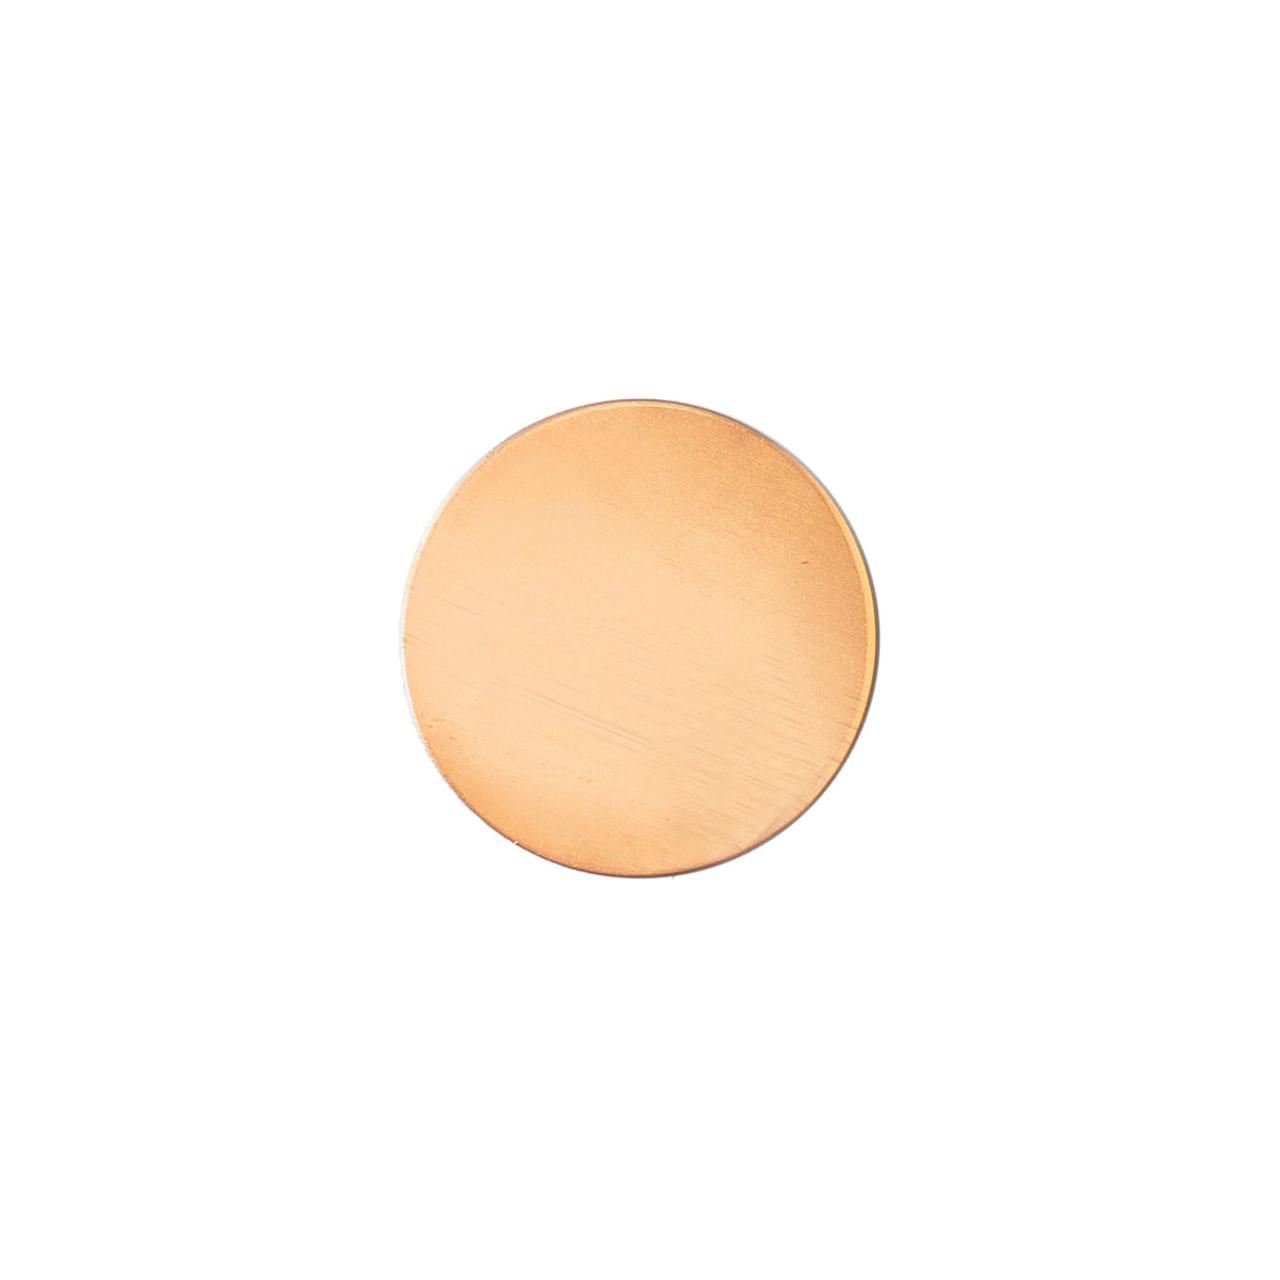 Copper Blank - Round - 28mm